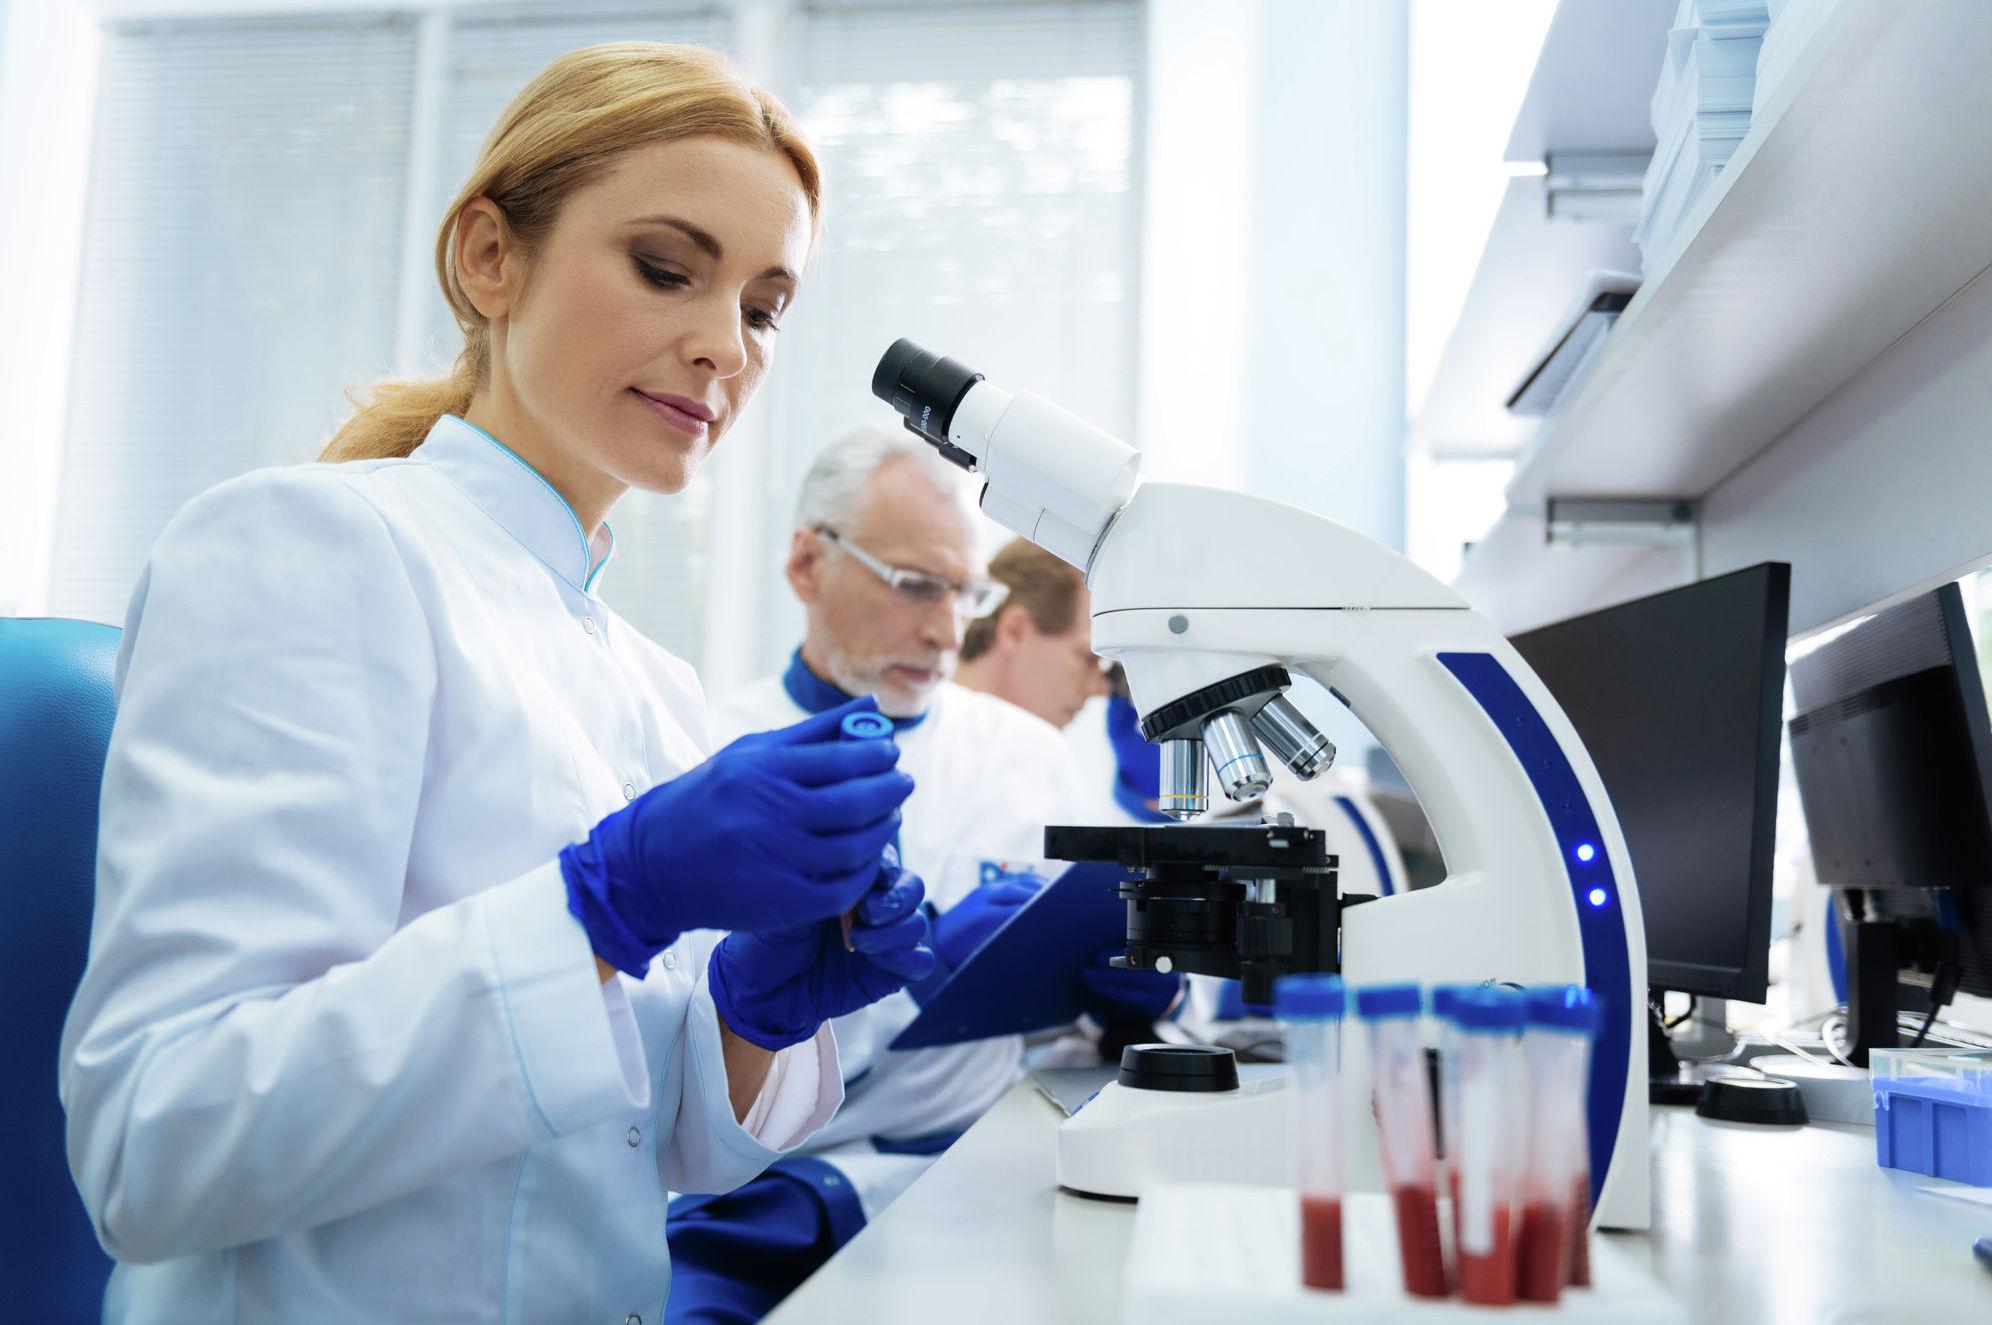 Биологи до сих пор работают над поиском самого лучшего и точного способа измерения теломеров